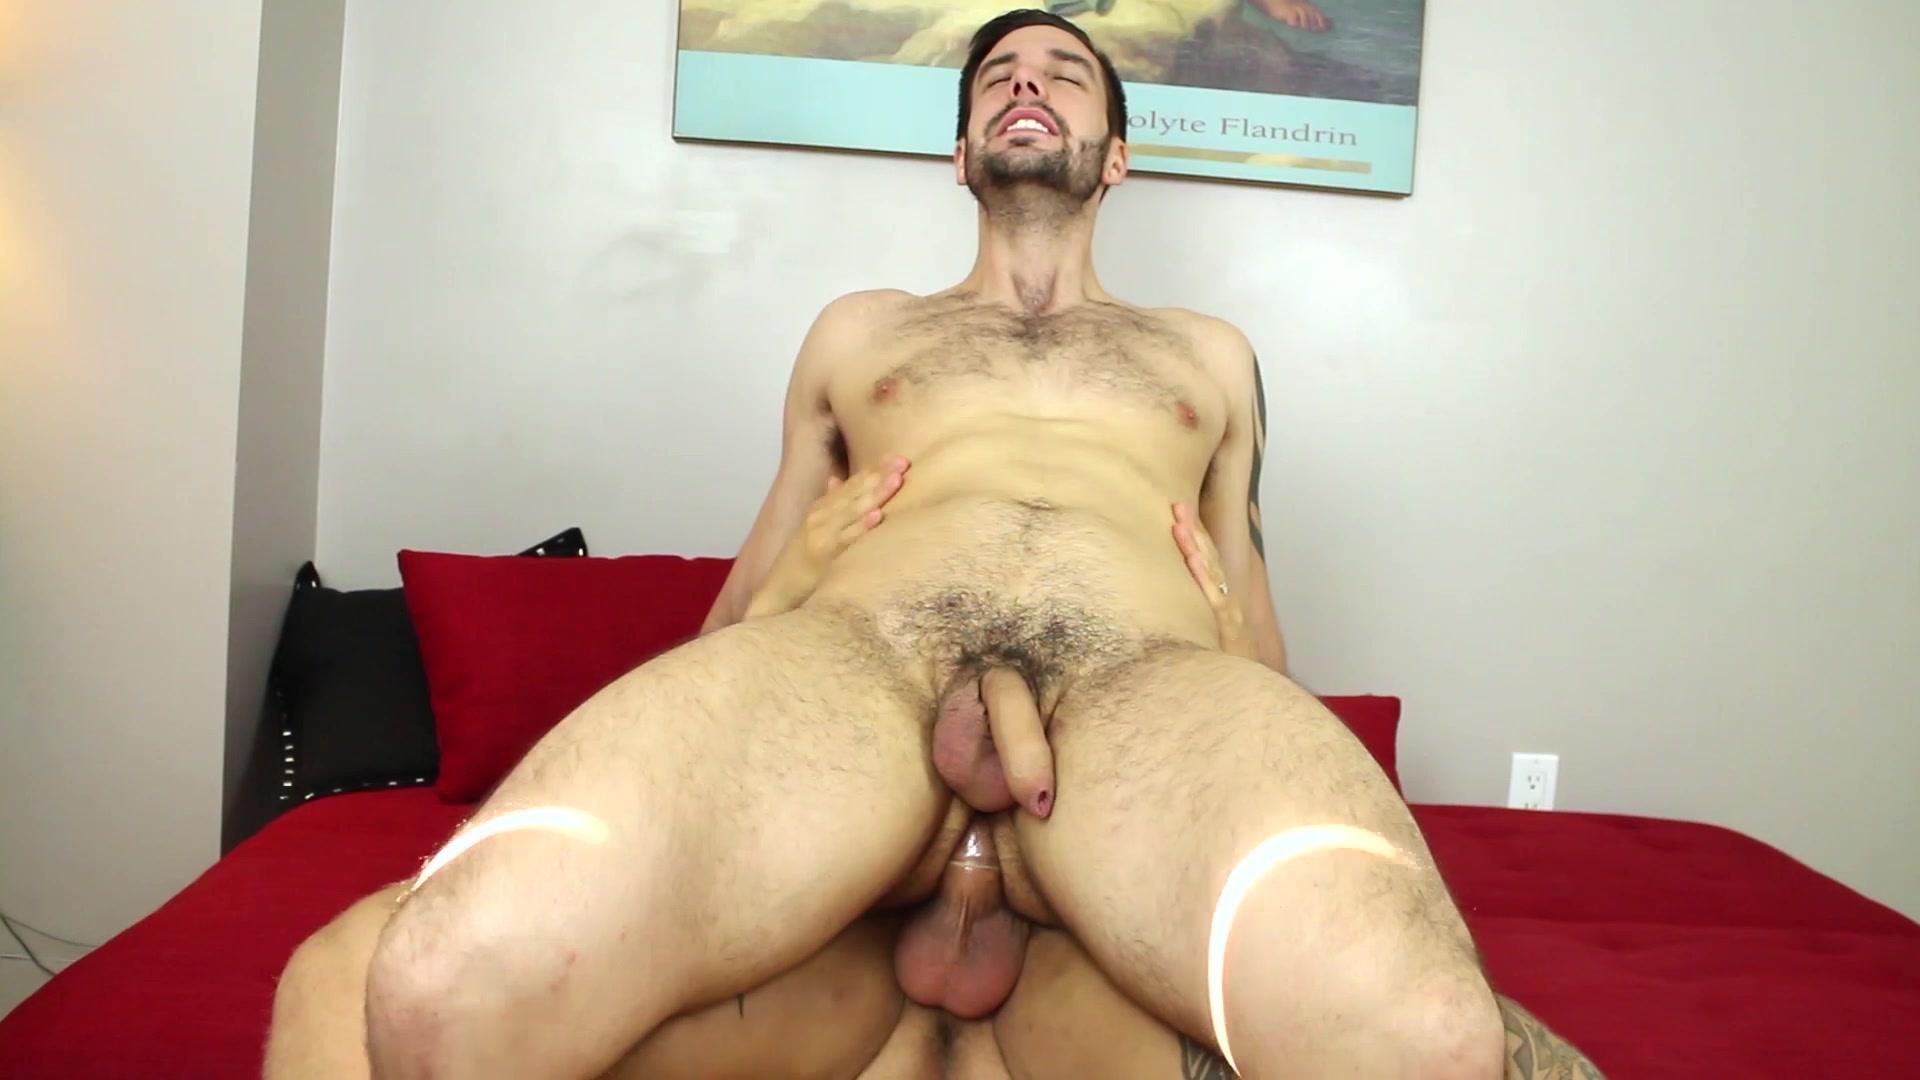 Derek bolt igor romani montreal bound, gays filesmonster porn photo, XXX gays picture